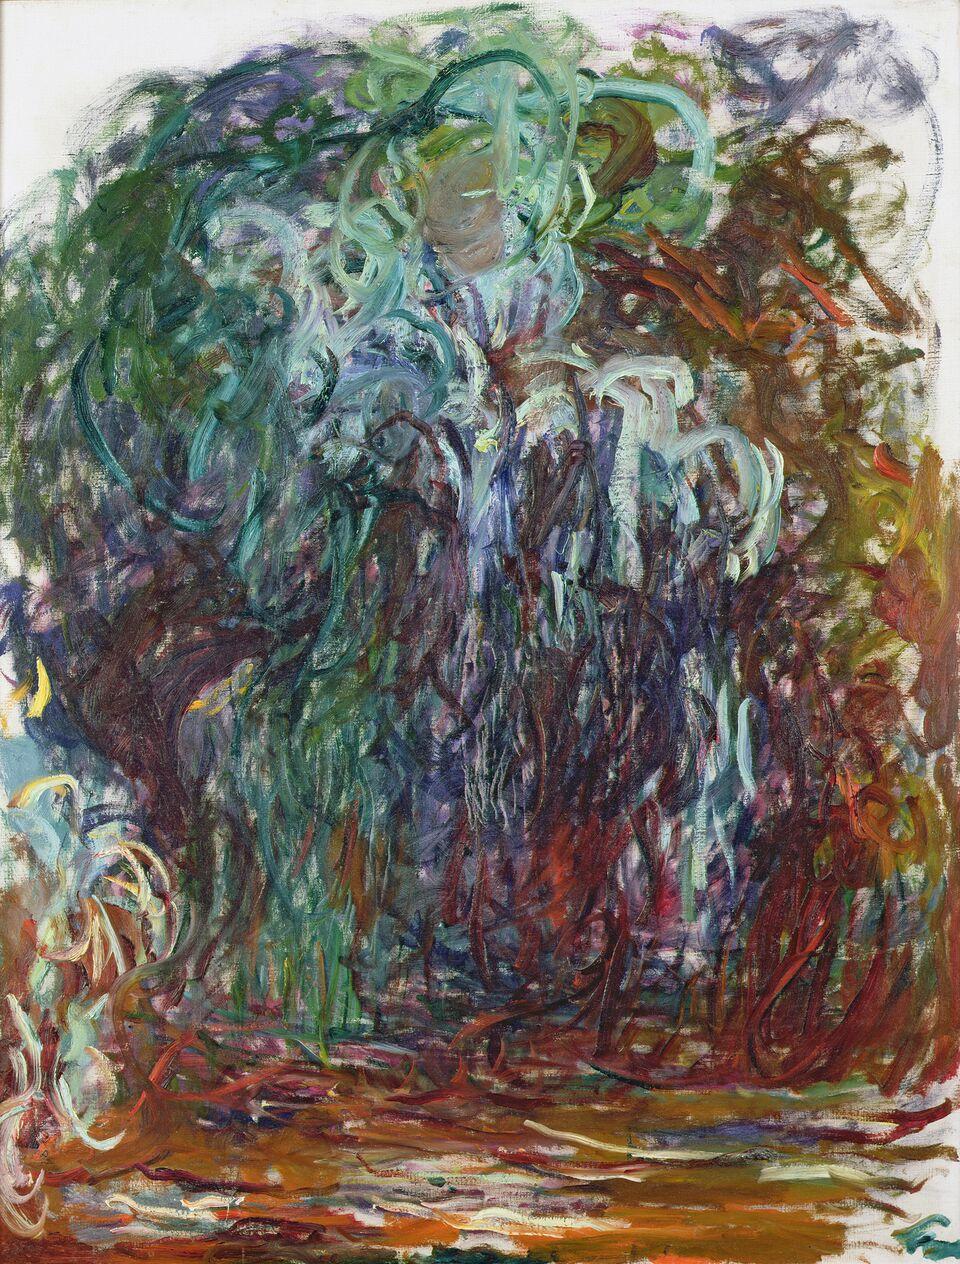 Claude Monet (1840-1926) Salice piangente , 1921-1922 Olio su tela, 116x89 cm Parigi, Musée Marmottan Monet © Musée Marmottan Monet, paris c Bridgeman-Giraudon / presse